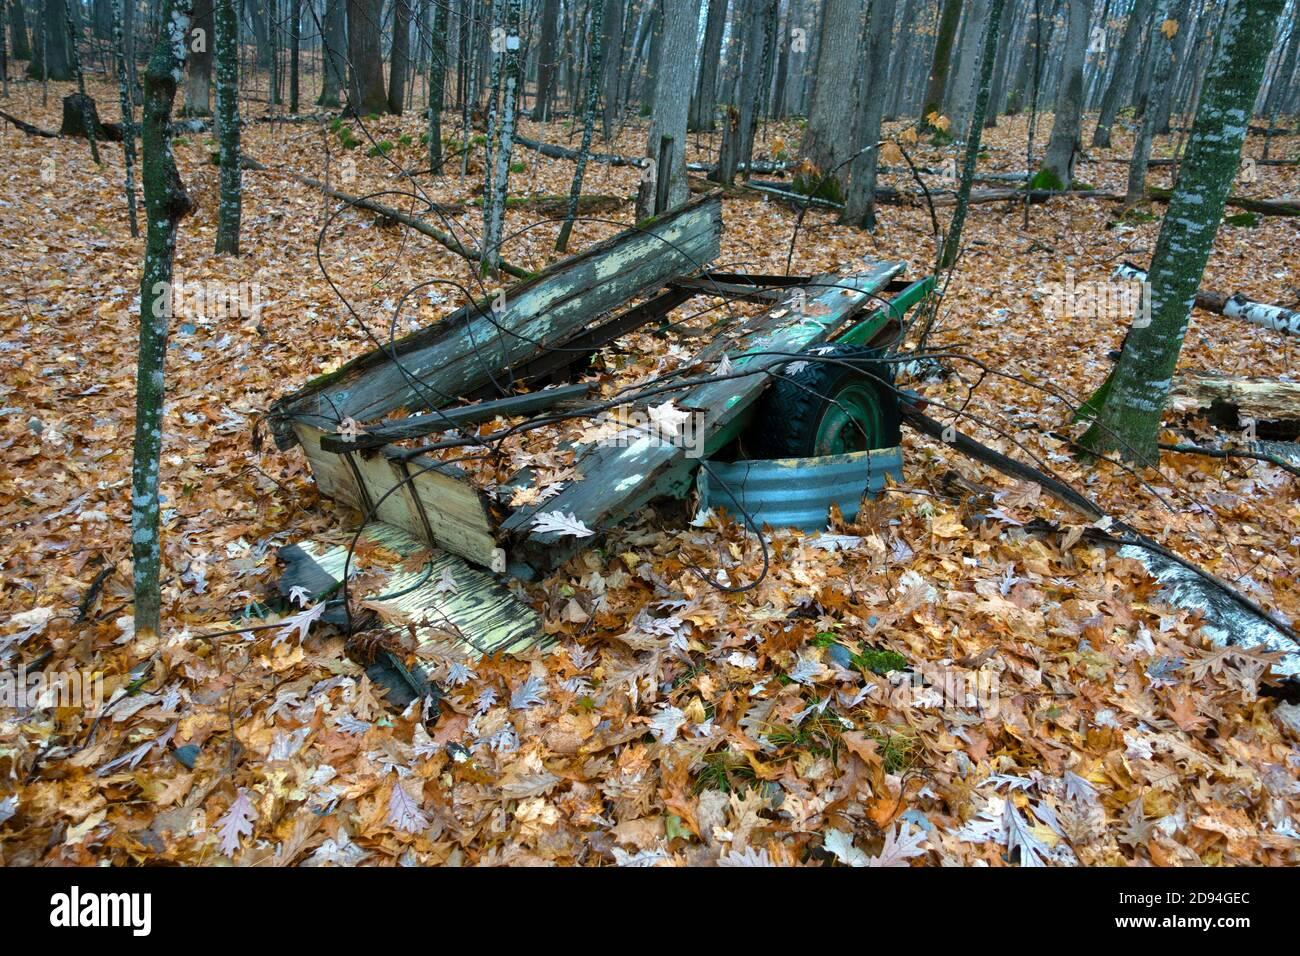 Rimorchio collassato seduto nel bosco. Cumberland, Wisconsin, Stati Uniti Foto Stock